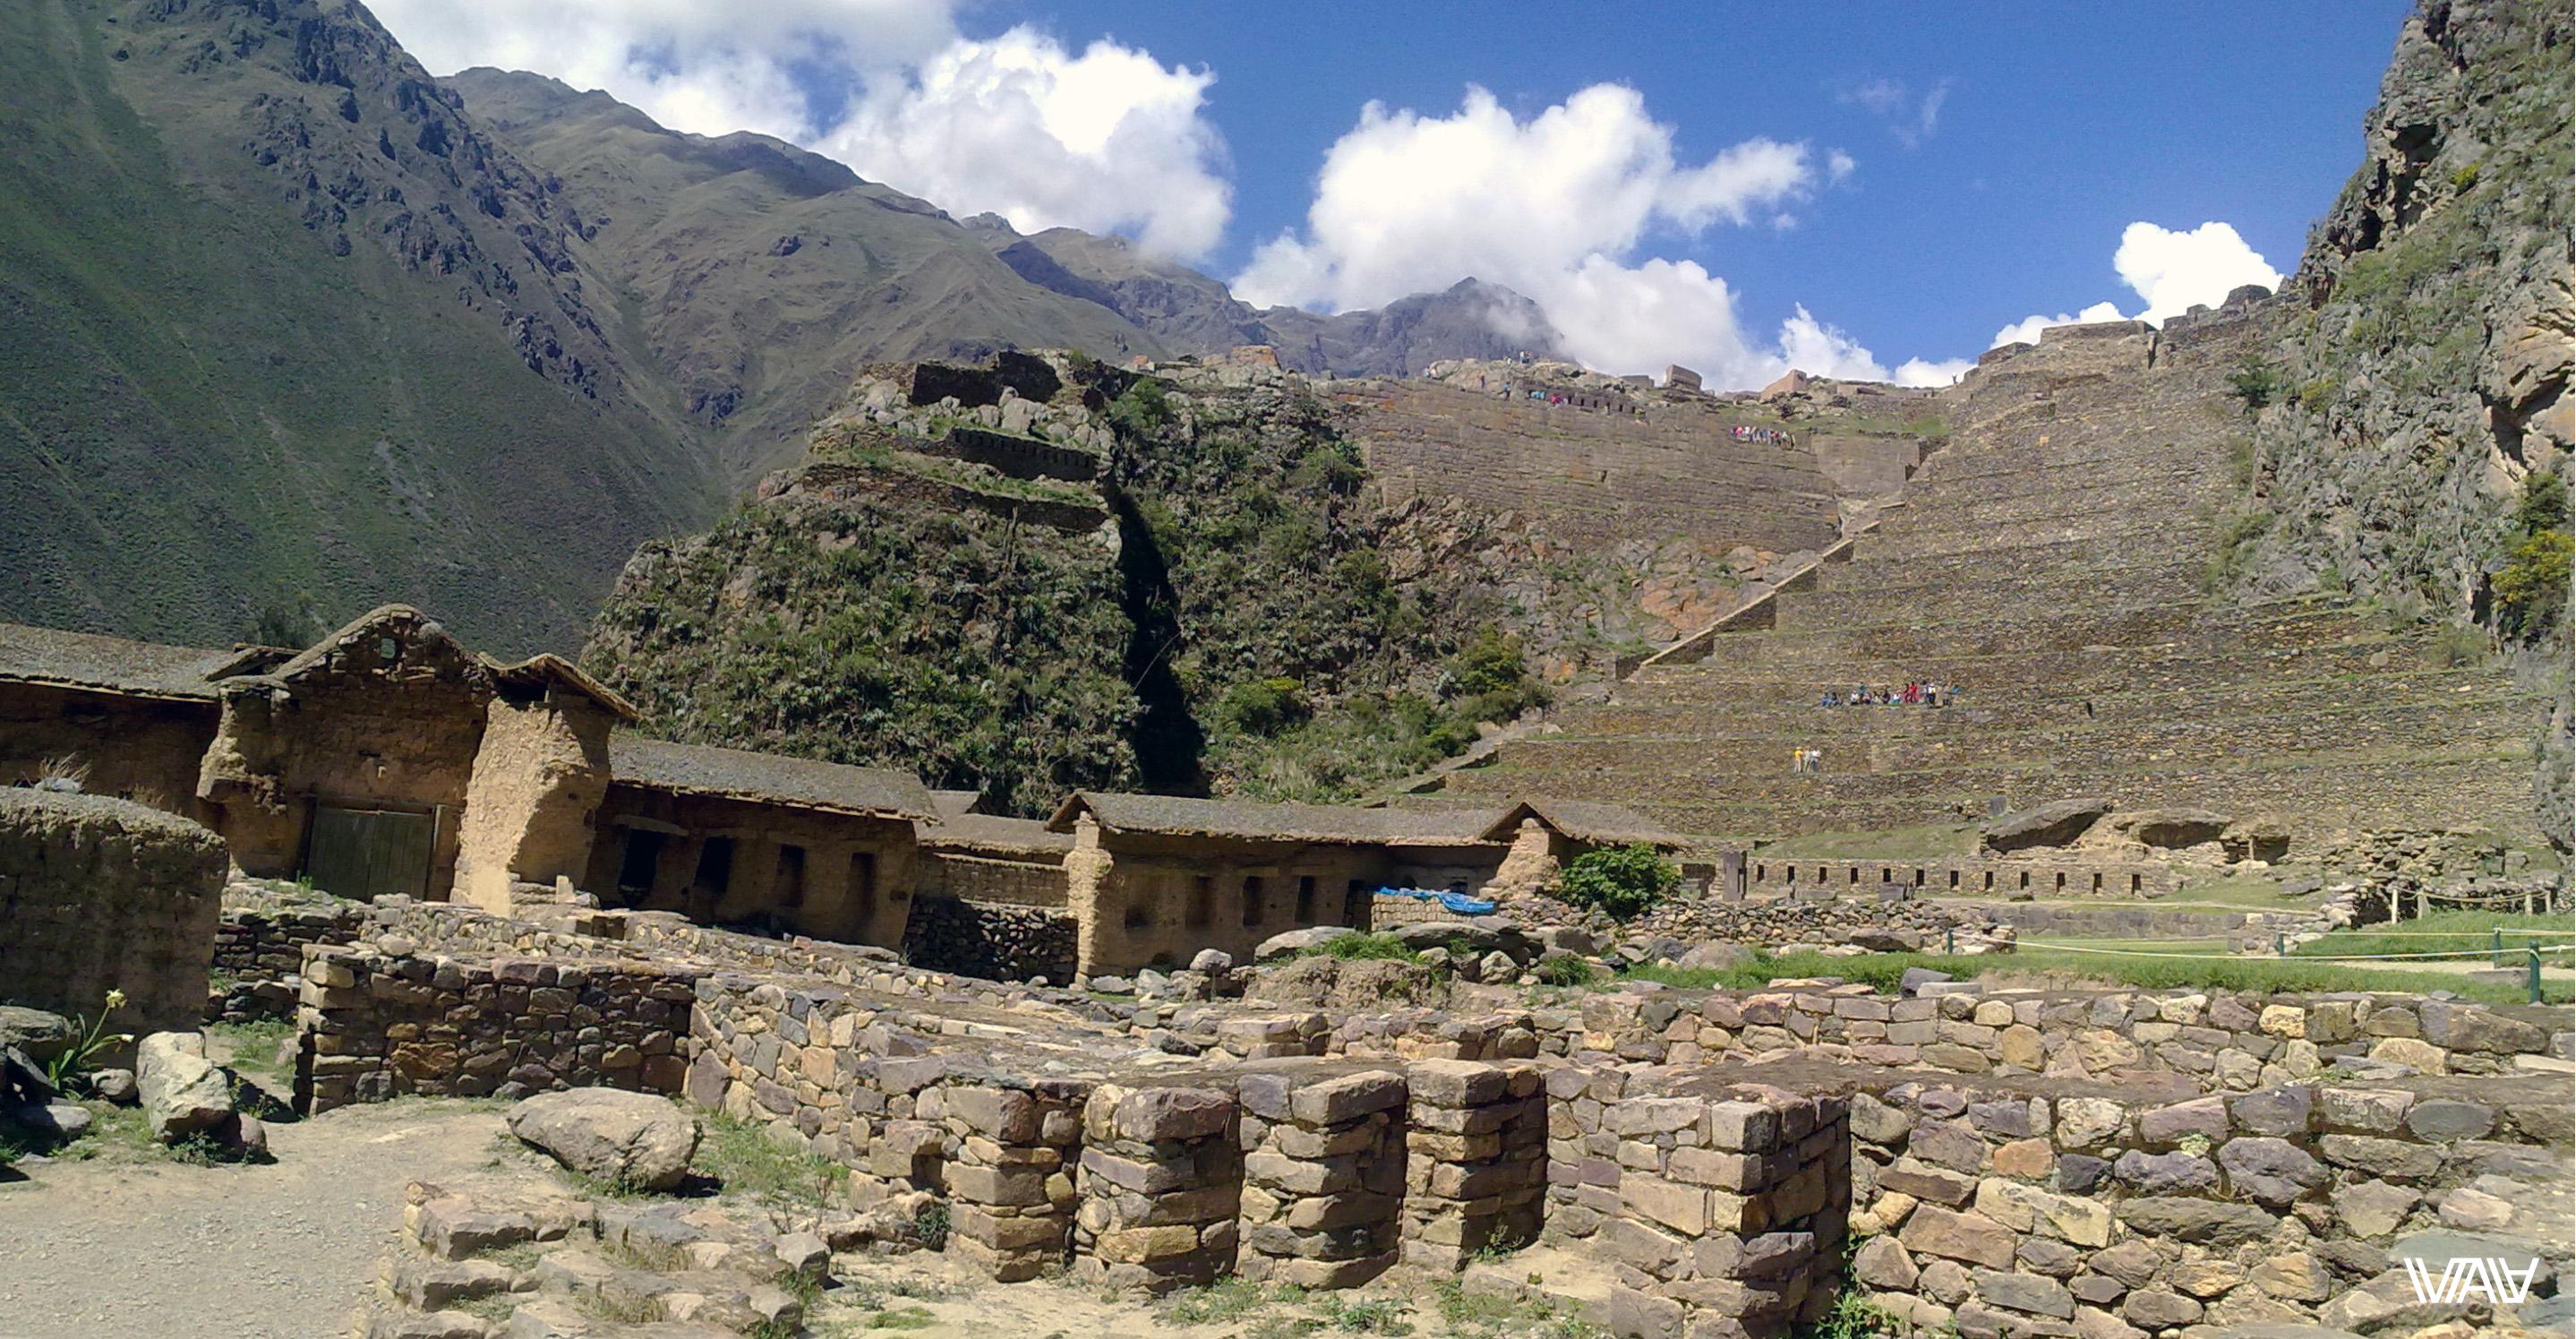 Прямо из центра древнего города инков вид на террасы и горы. Ойантайтамбо, Перу